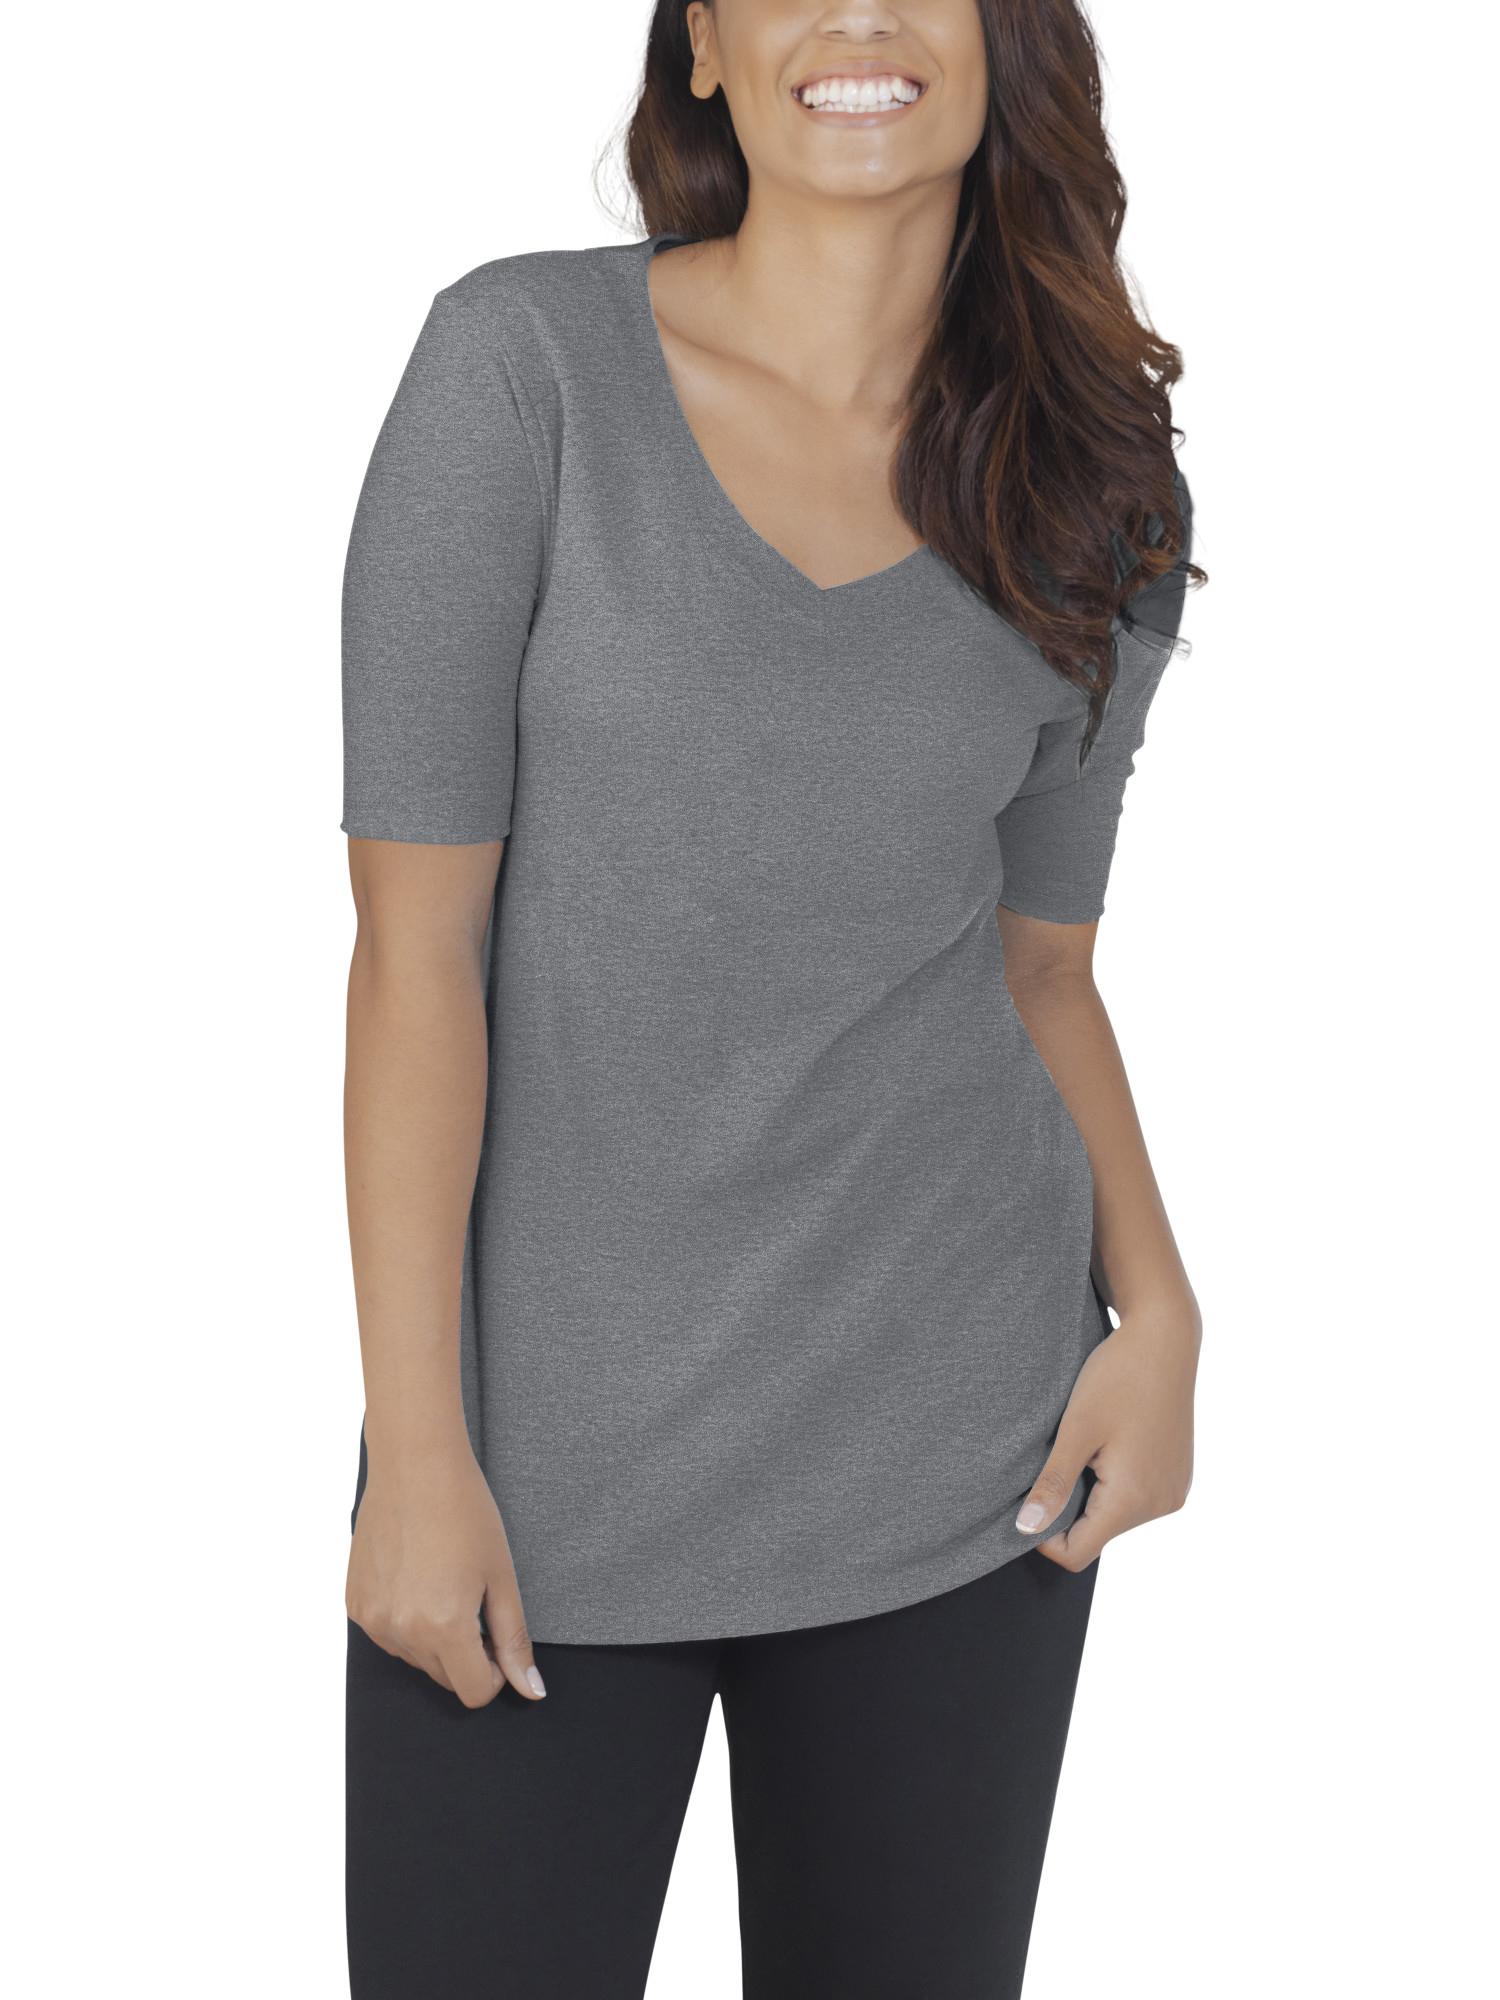 Women's Essentials Soft Elbow Length V-Neck T Shirt